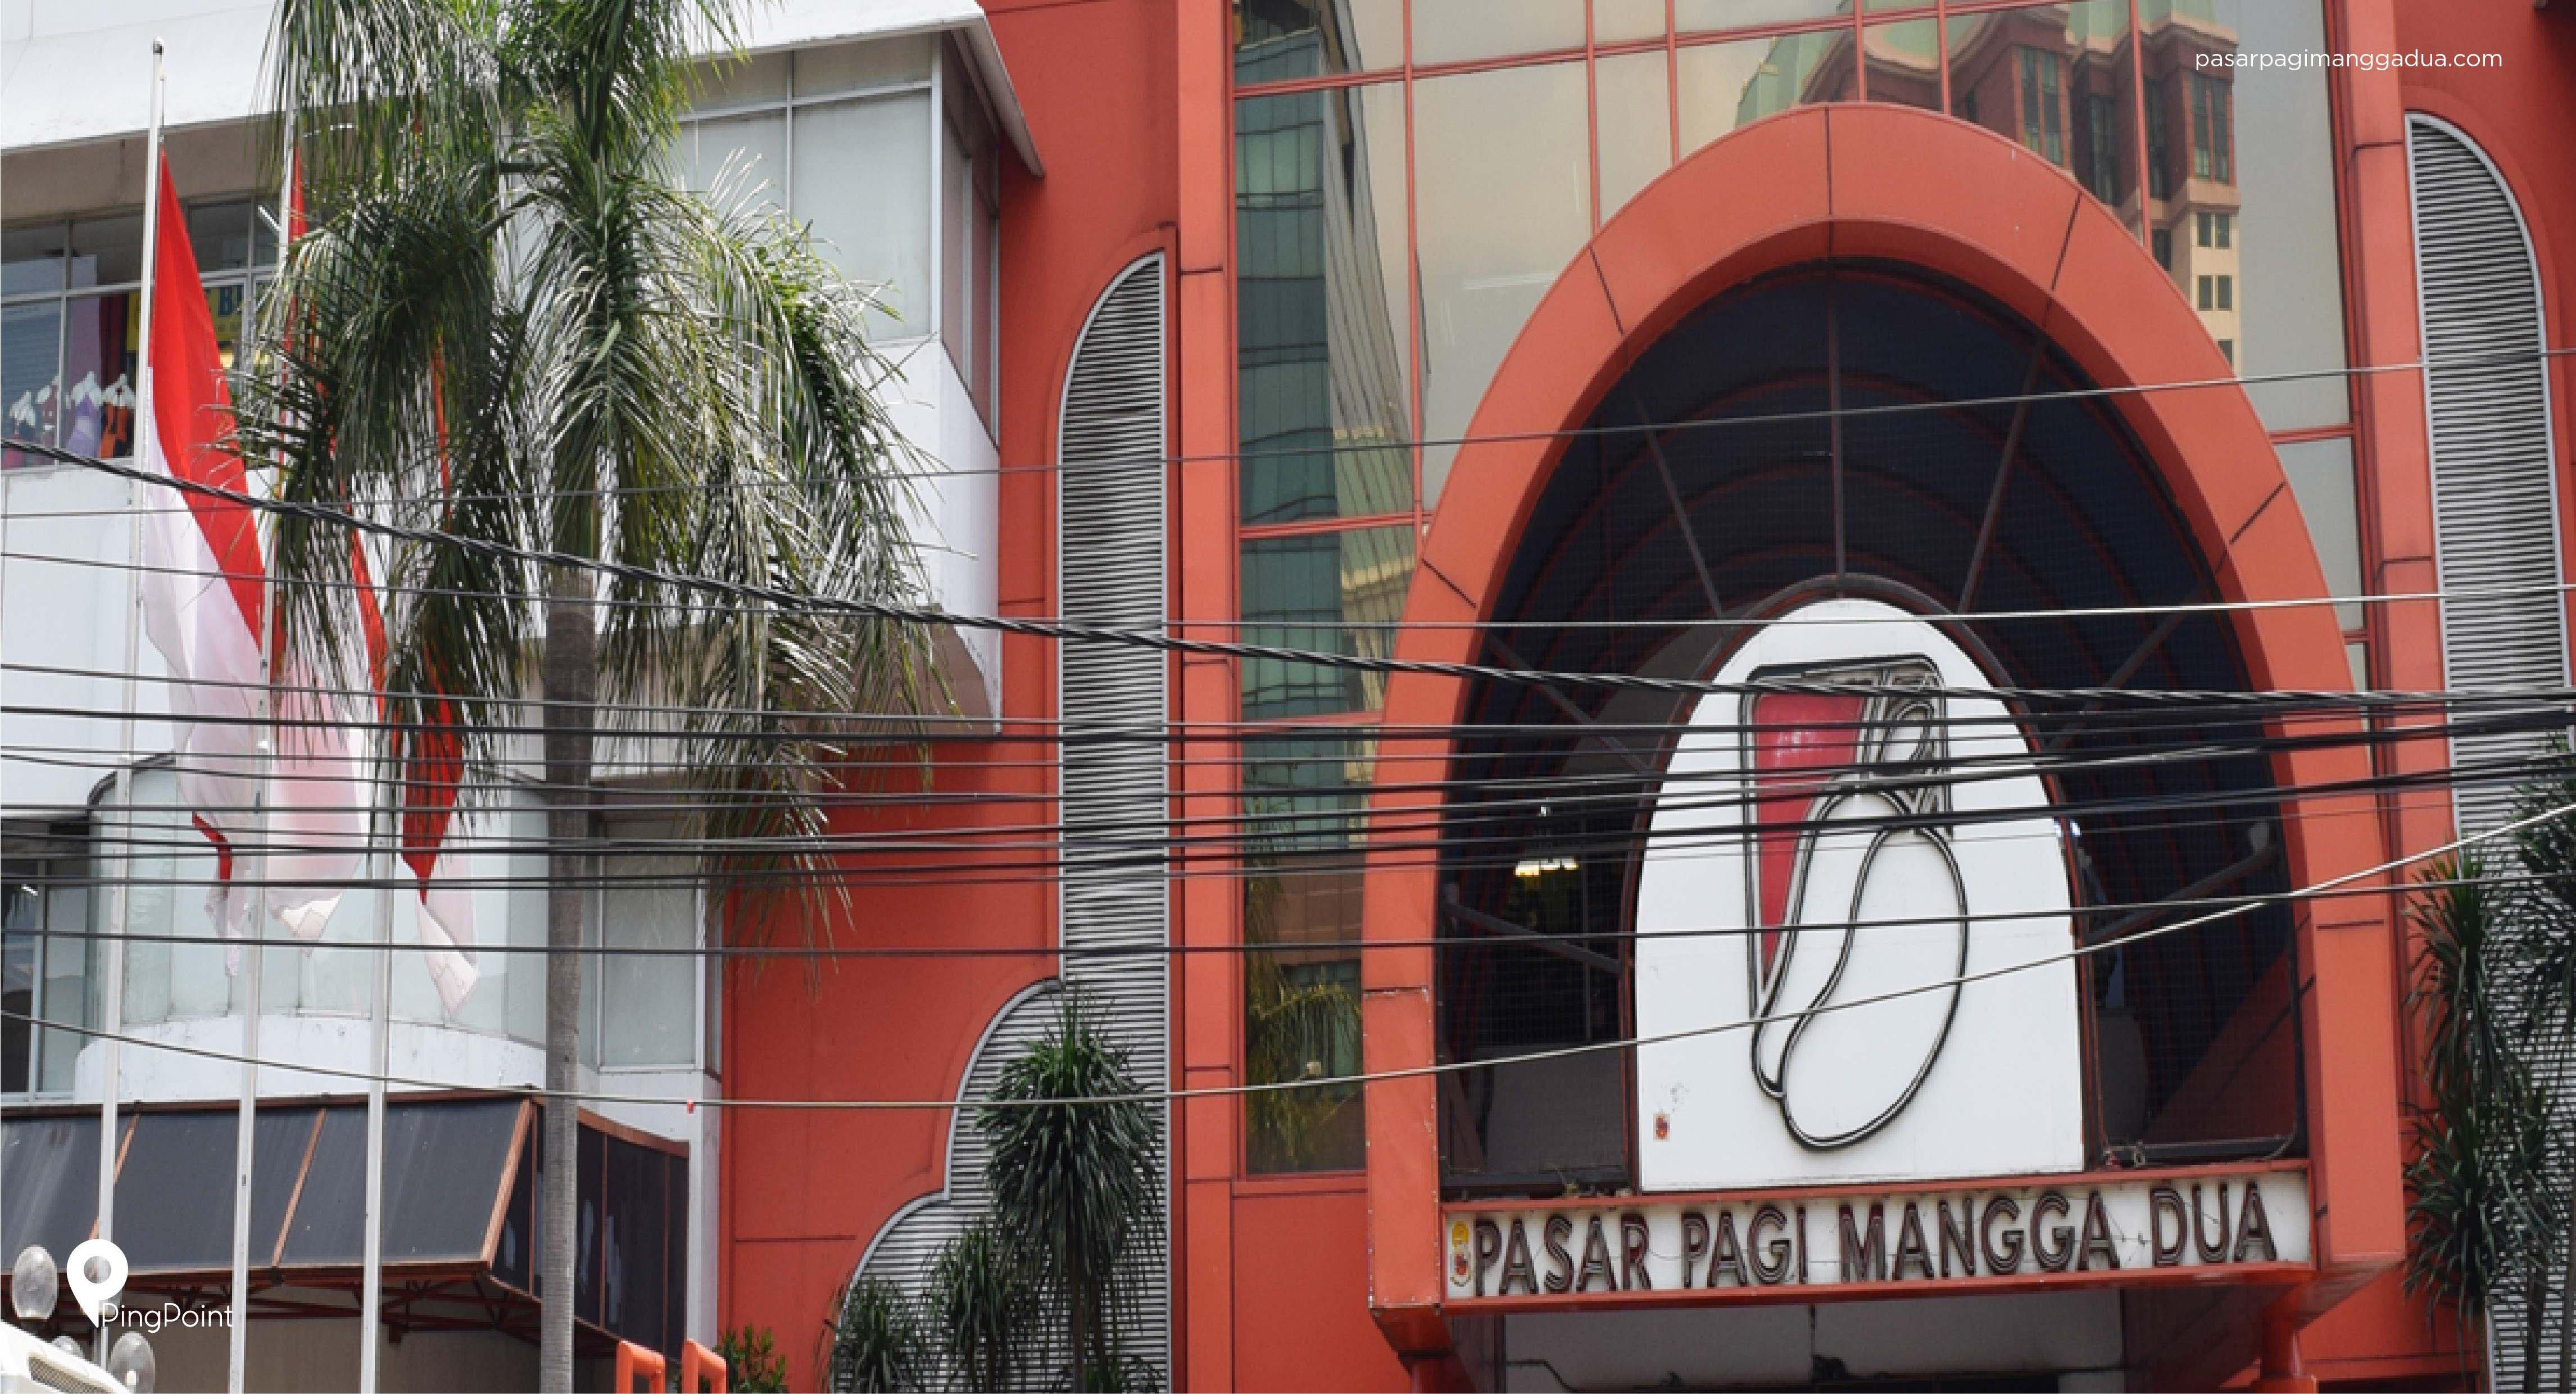 Wisata Belanja Seru di Pasar Pagi Mangga Dua 50ca70cc26